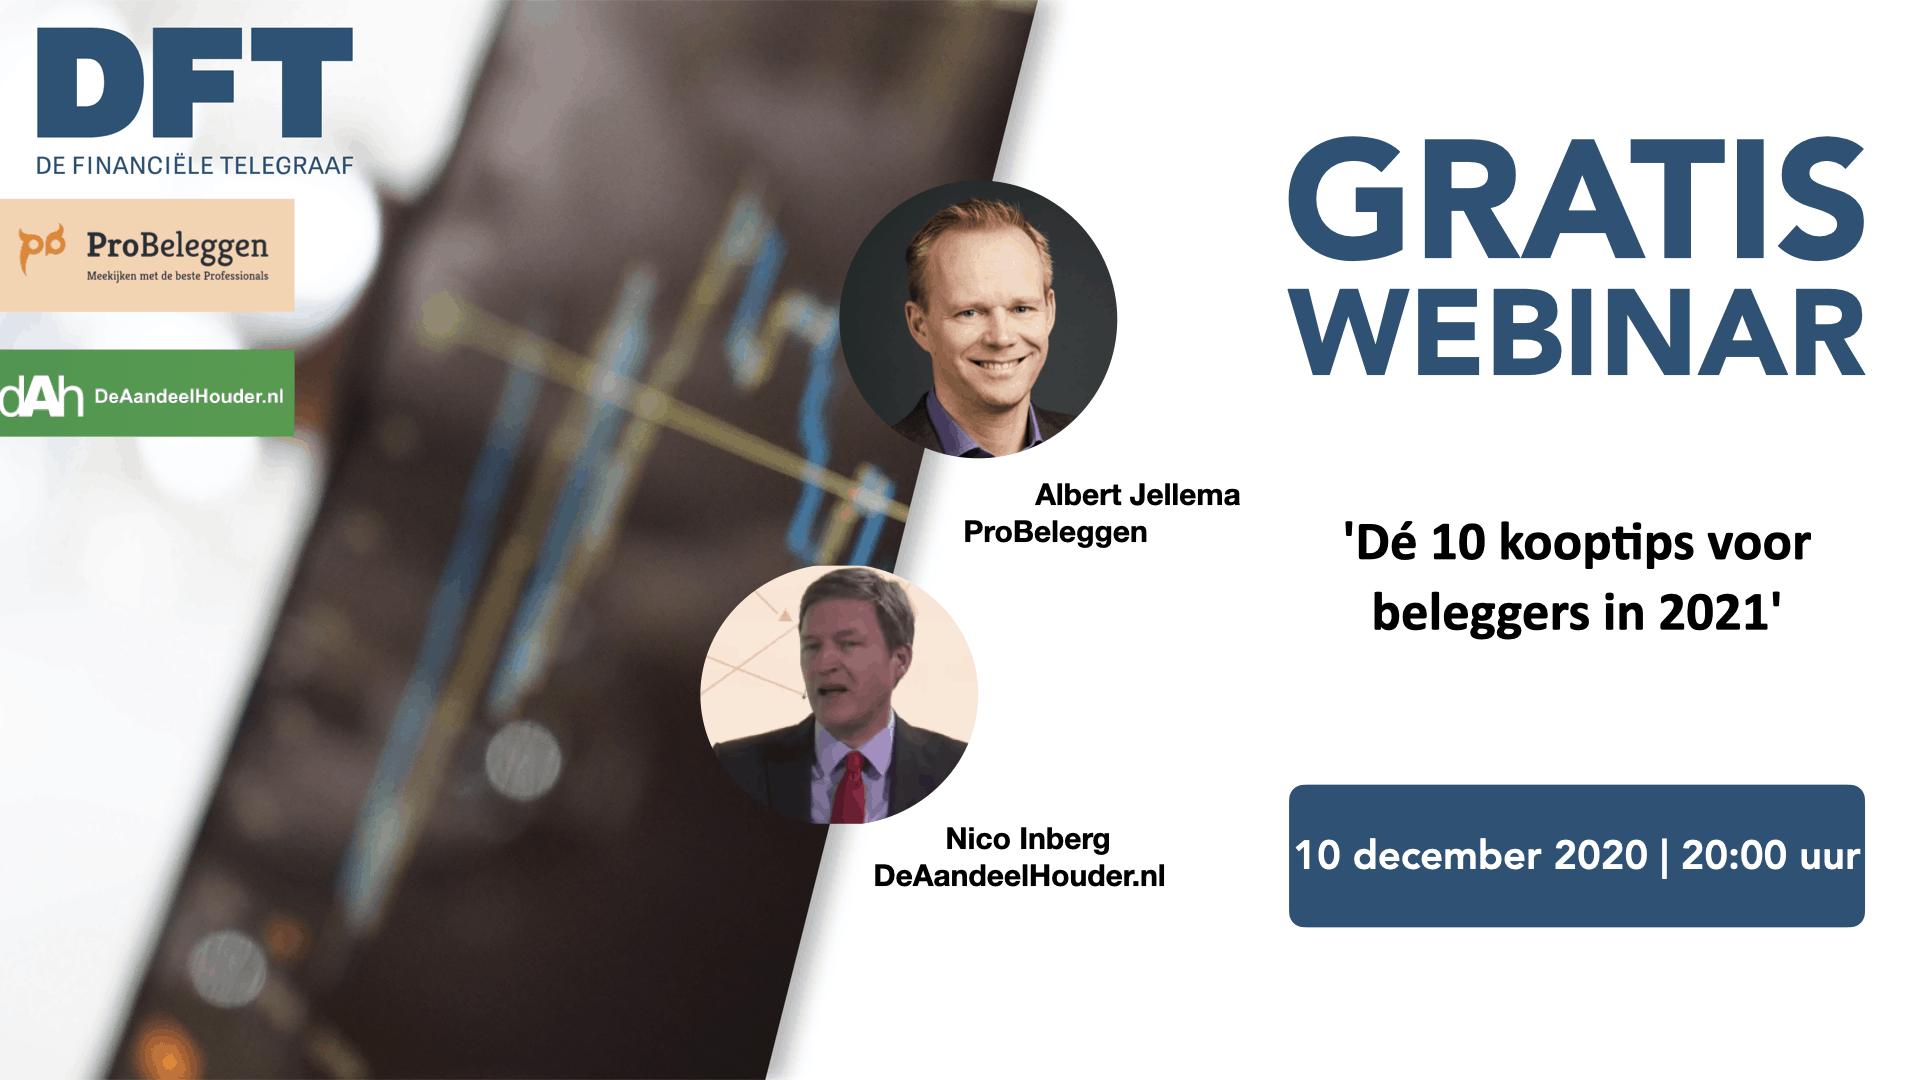 https://www.onlineseminar.nl/dft/webinar/35216/de-10-kooptips-voor-beleggers-in-2021/#watch-player